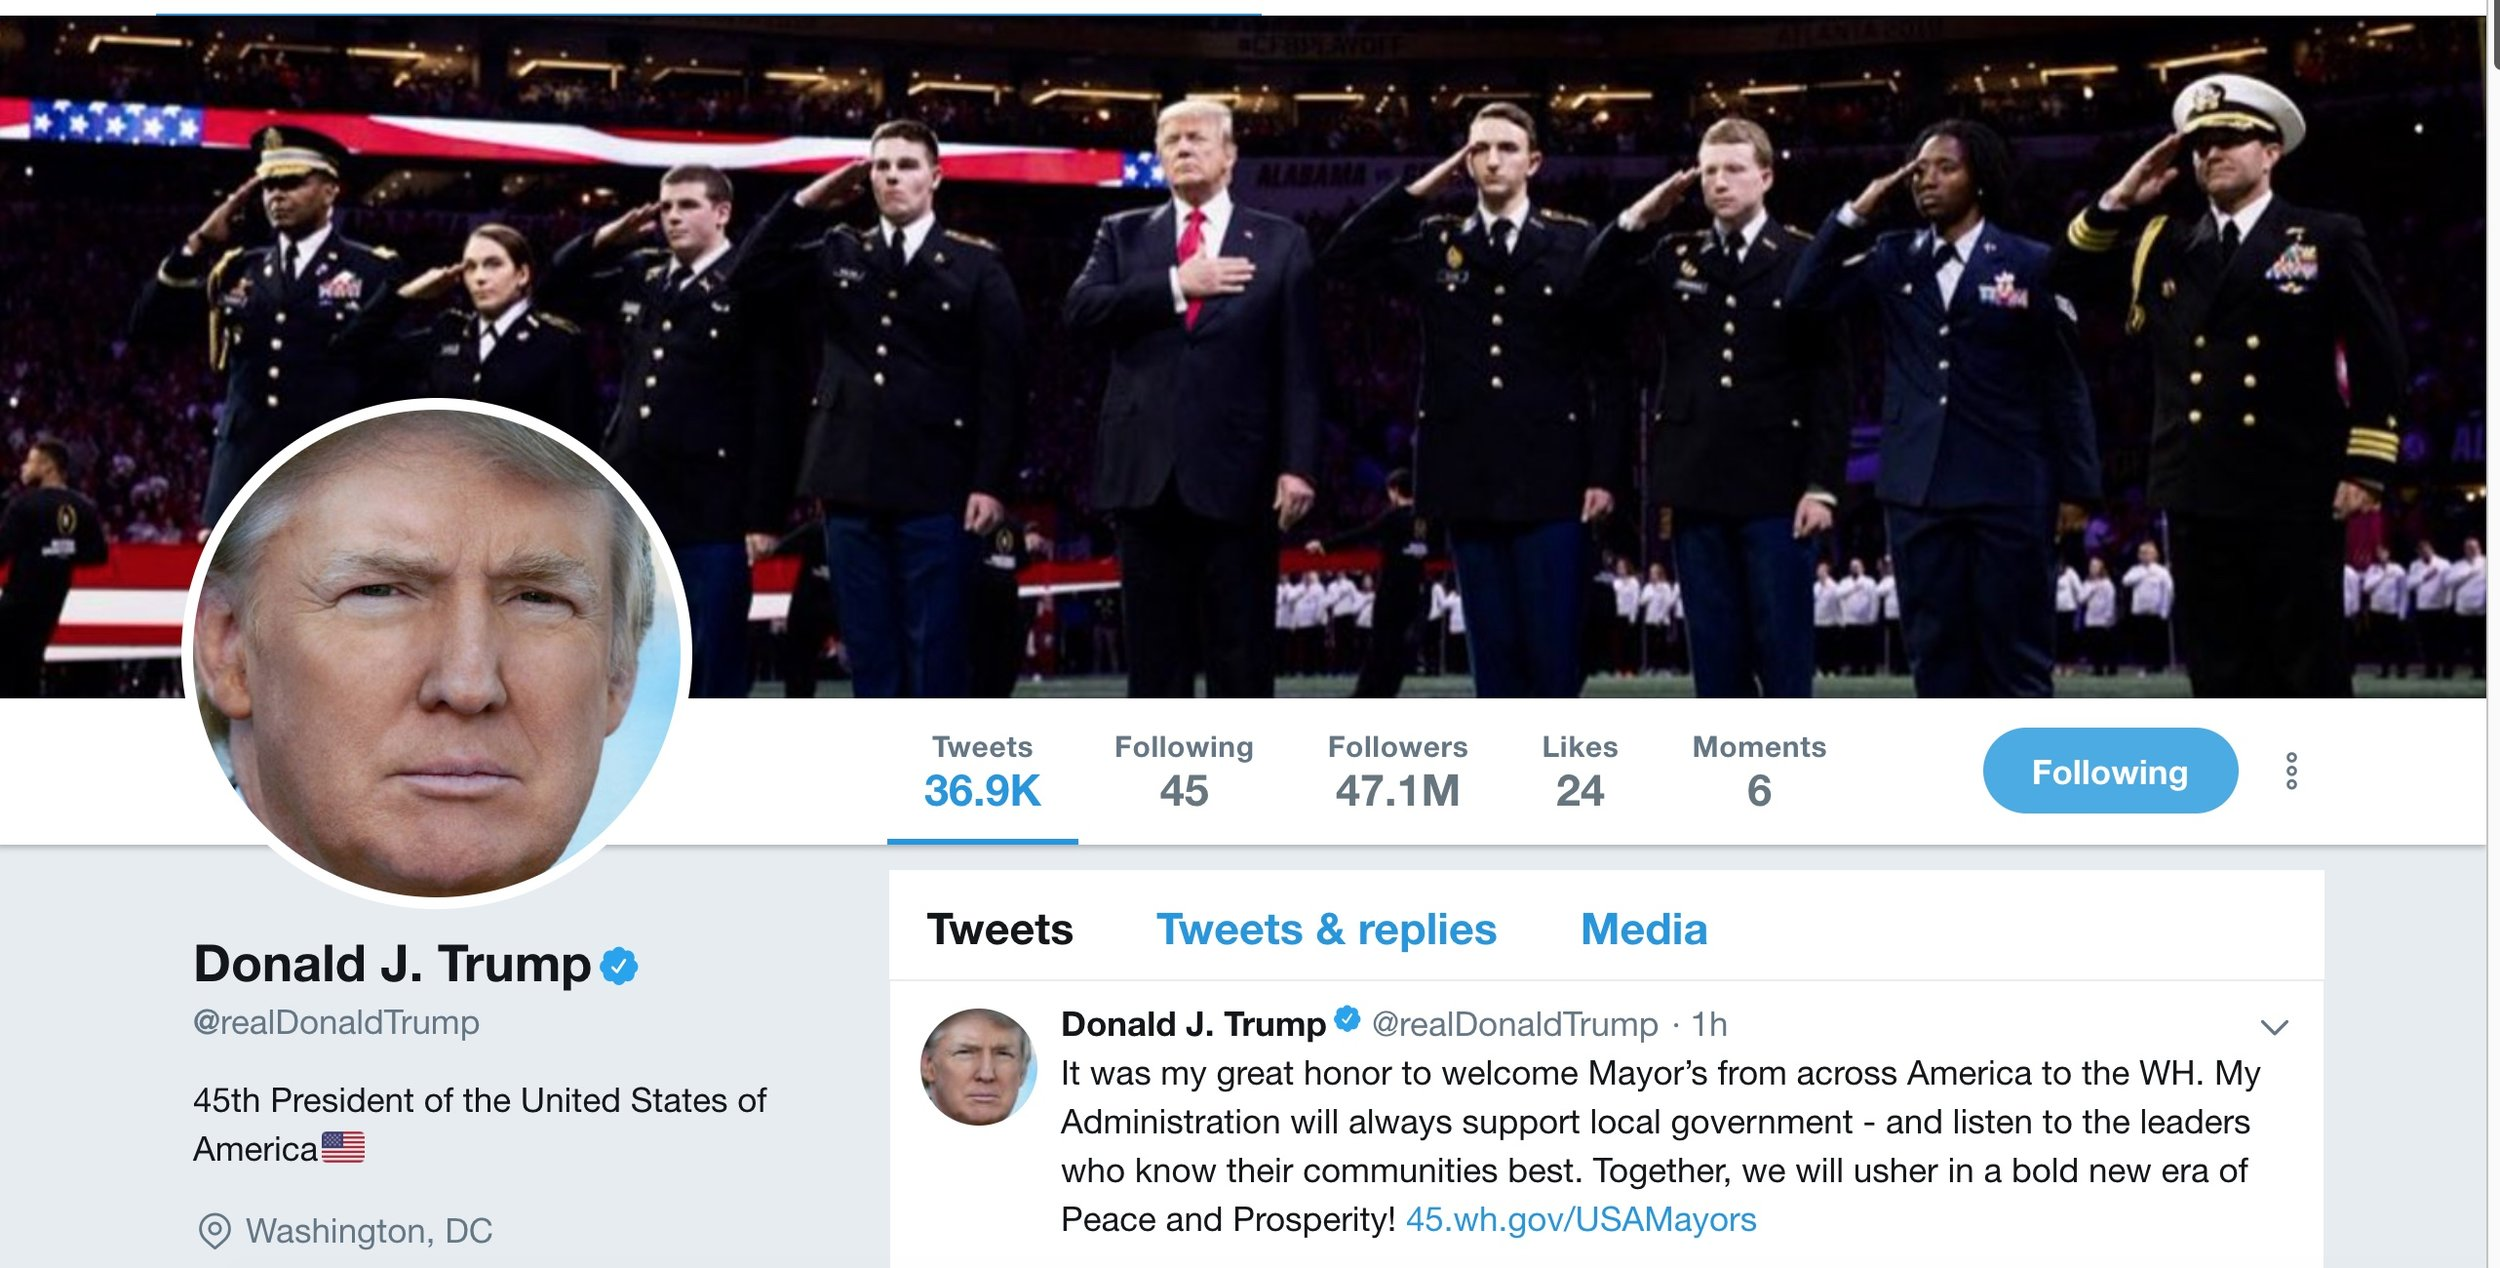 圖:2018年1月24日川普推特截圖顯示,他已經擁有4710萬推特粉絲,共發推文36900條。一年之中,他的推絲增長了2540萬,比去年此時多了一倍多。